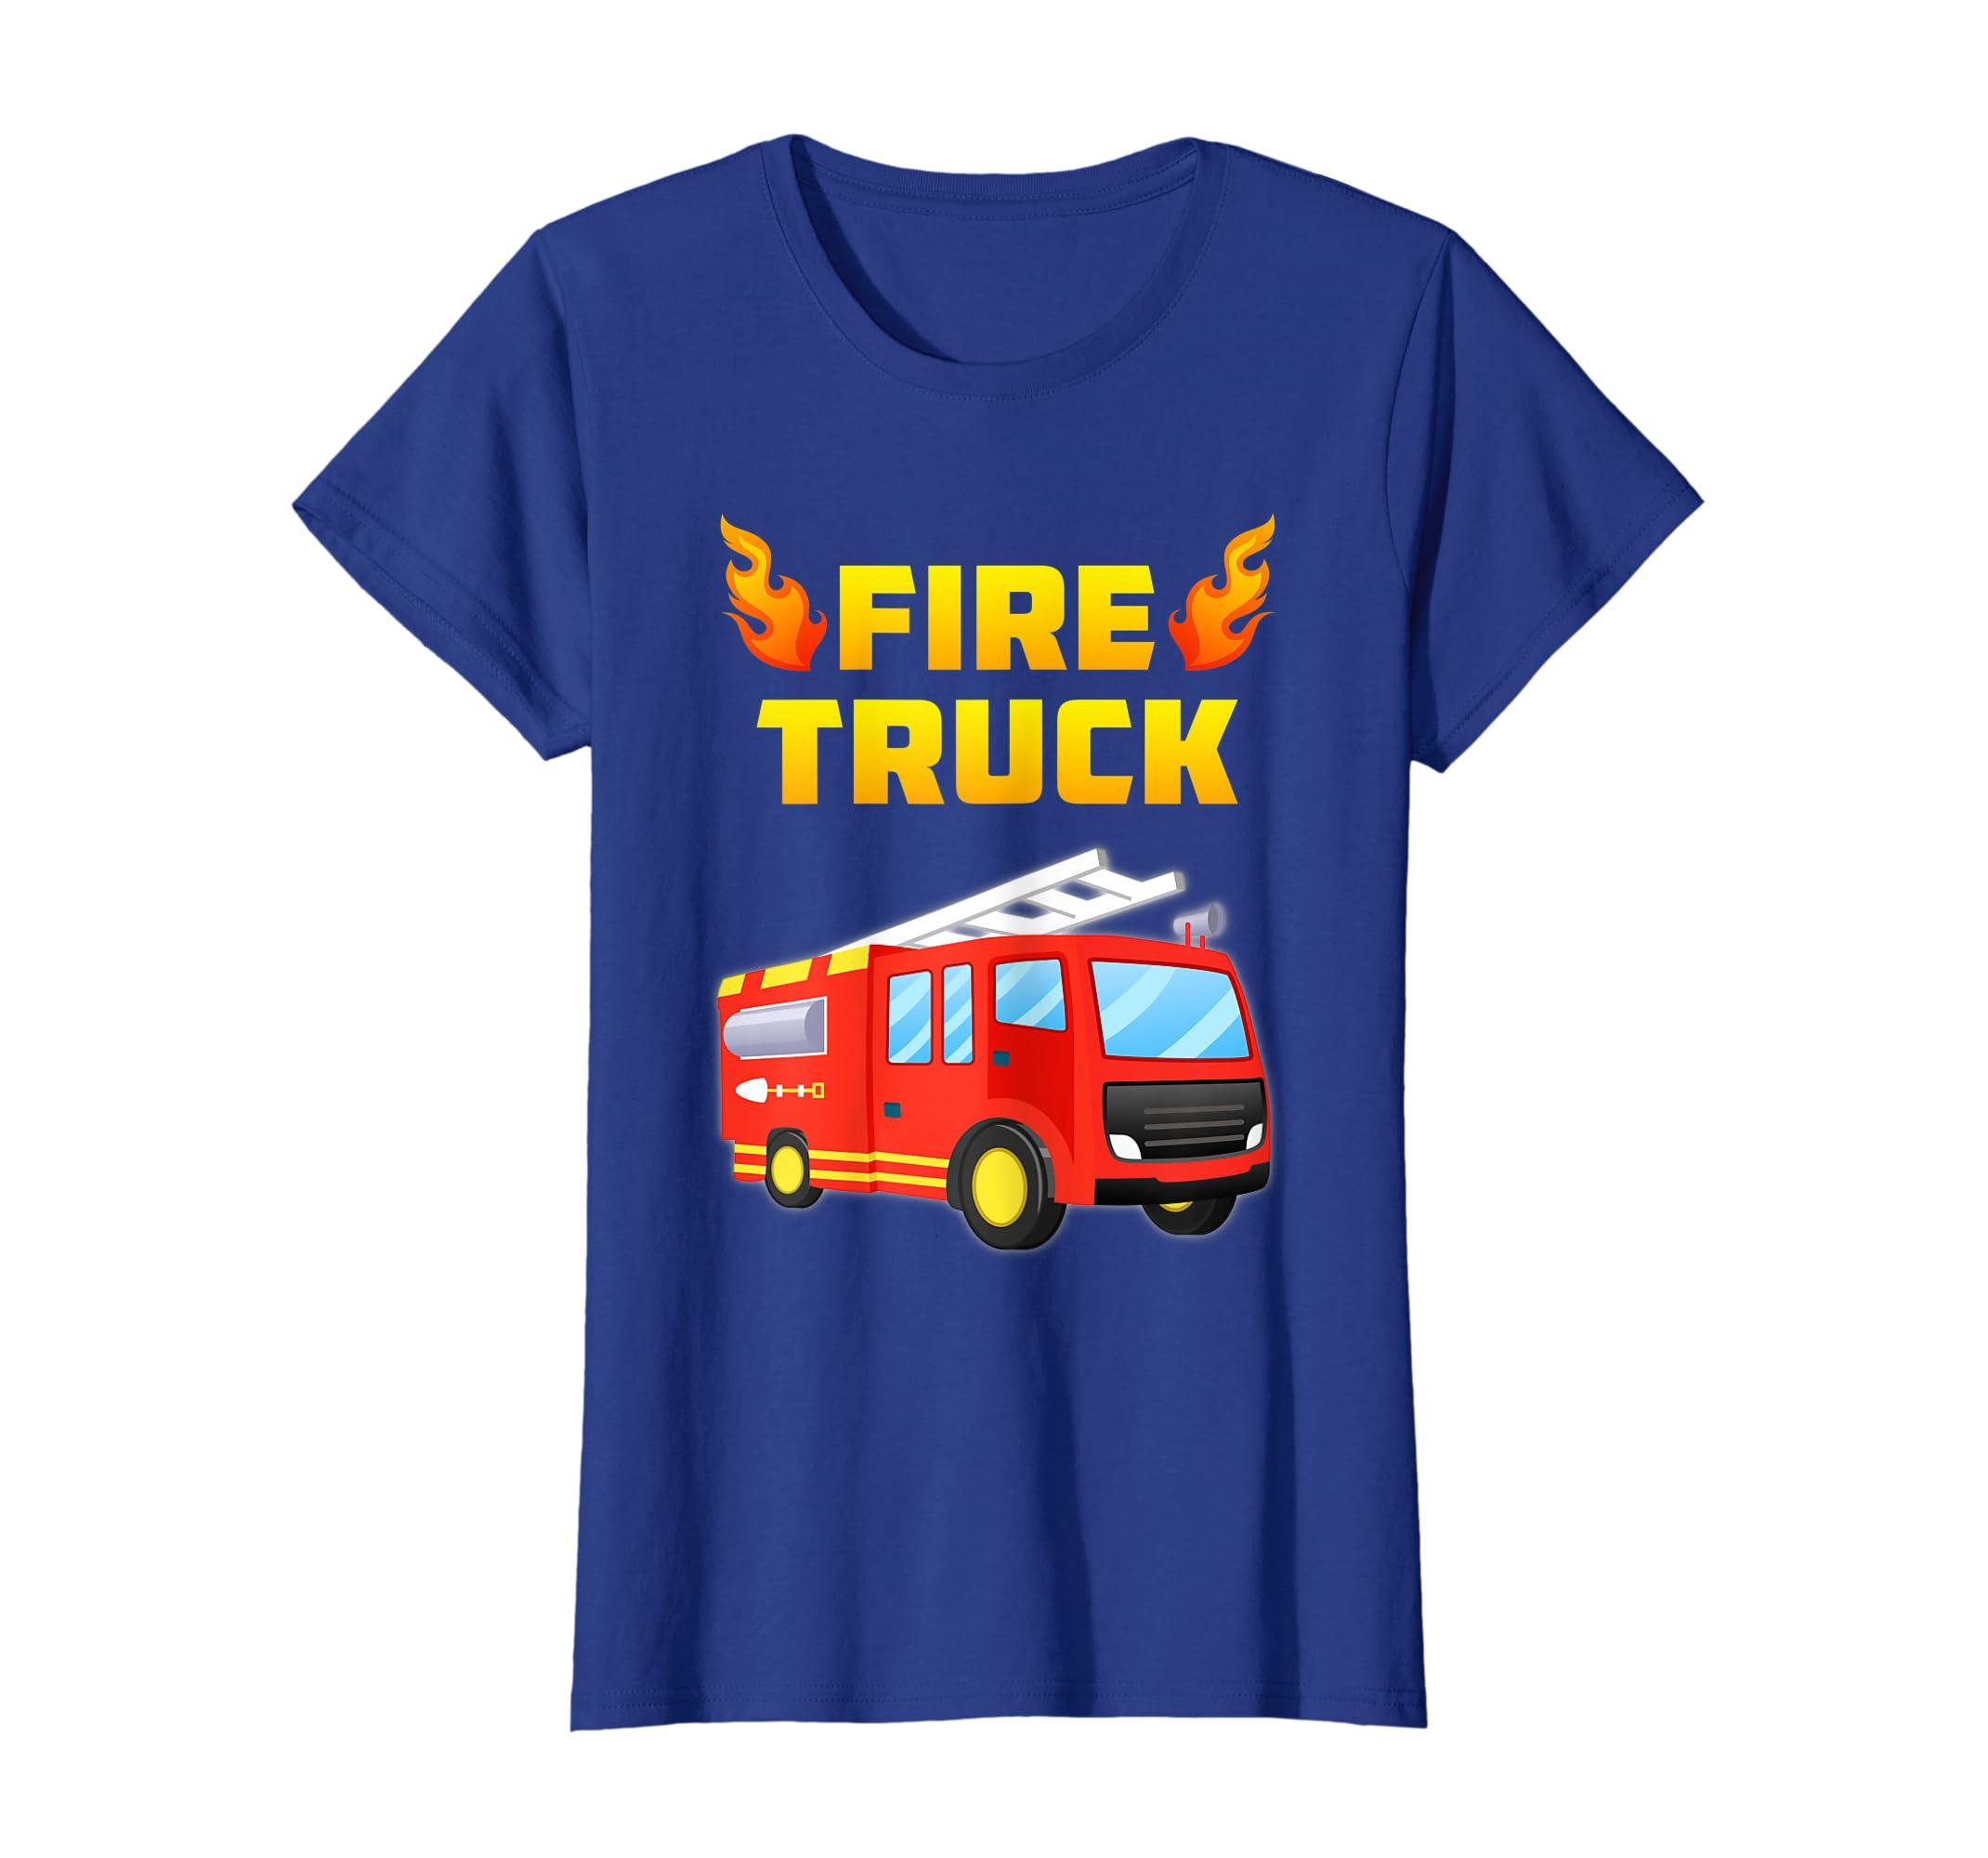 3de452020 Amazon.com: Fireman Fire Truck Fire Fighter T-Shirt Toddler Adults Kids:  Clothing